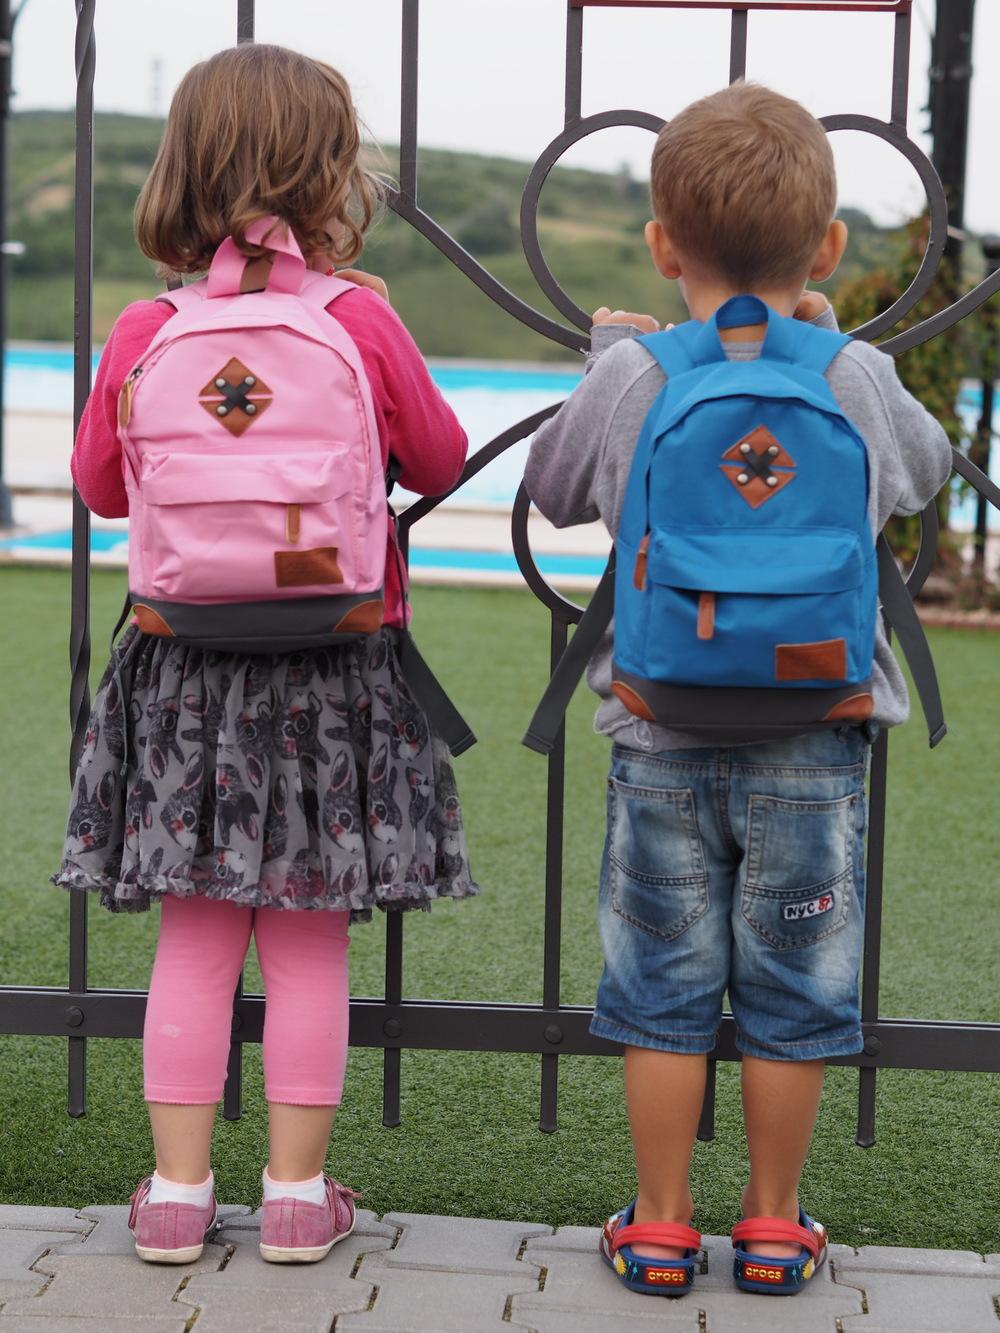 Školkové batůžky ABBEY můžete sehnat na eFitness.cz nebo   ZDE